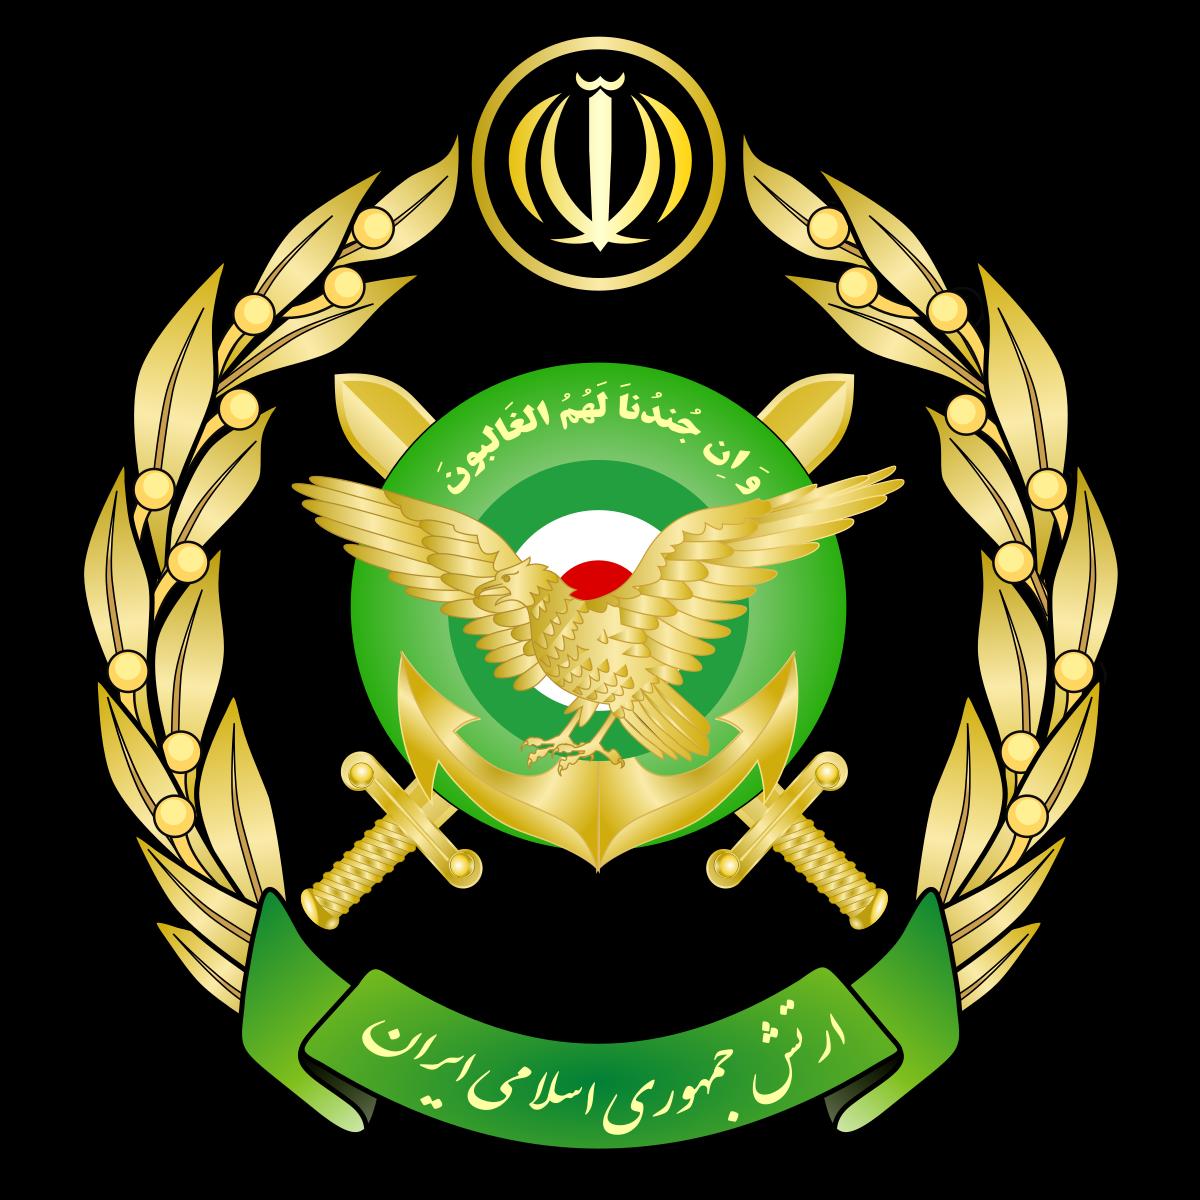 بیانیه ارتش برای حضور پرشکوه مردم در راهپیمایی 22 بهمن